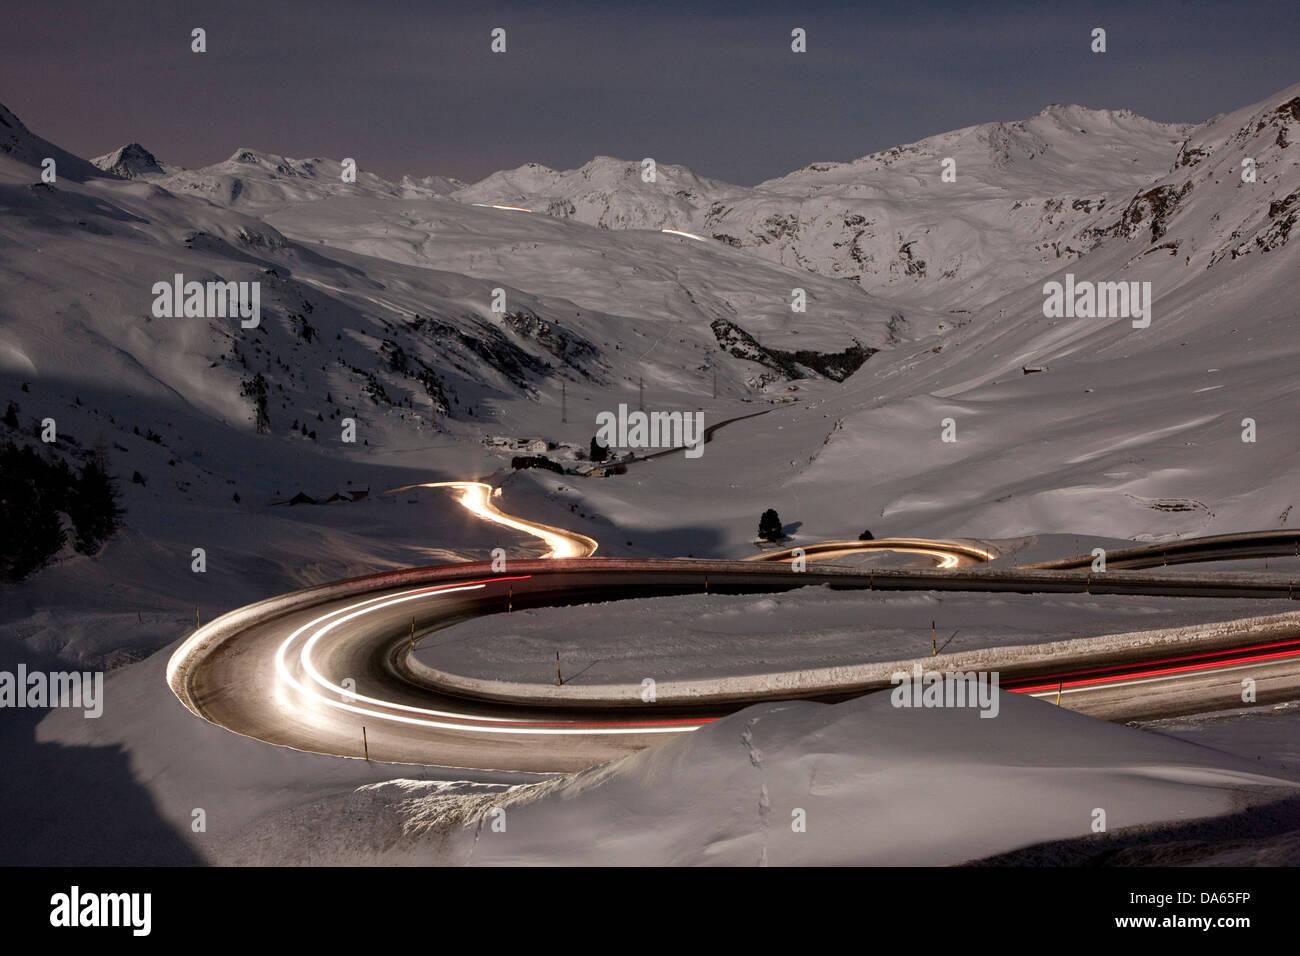 Julier, paso de montaña, Pase, calle, noche oscura, tráfico, transporte, cantón, GR, cantón Imagen De Stock